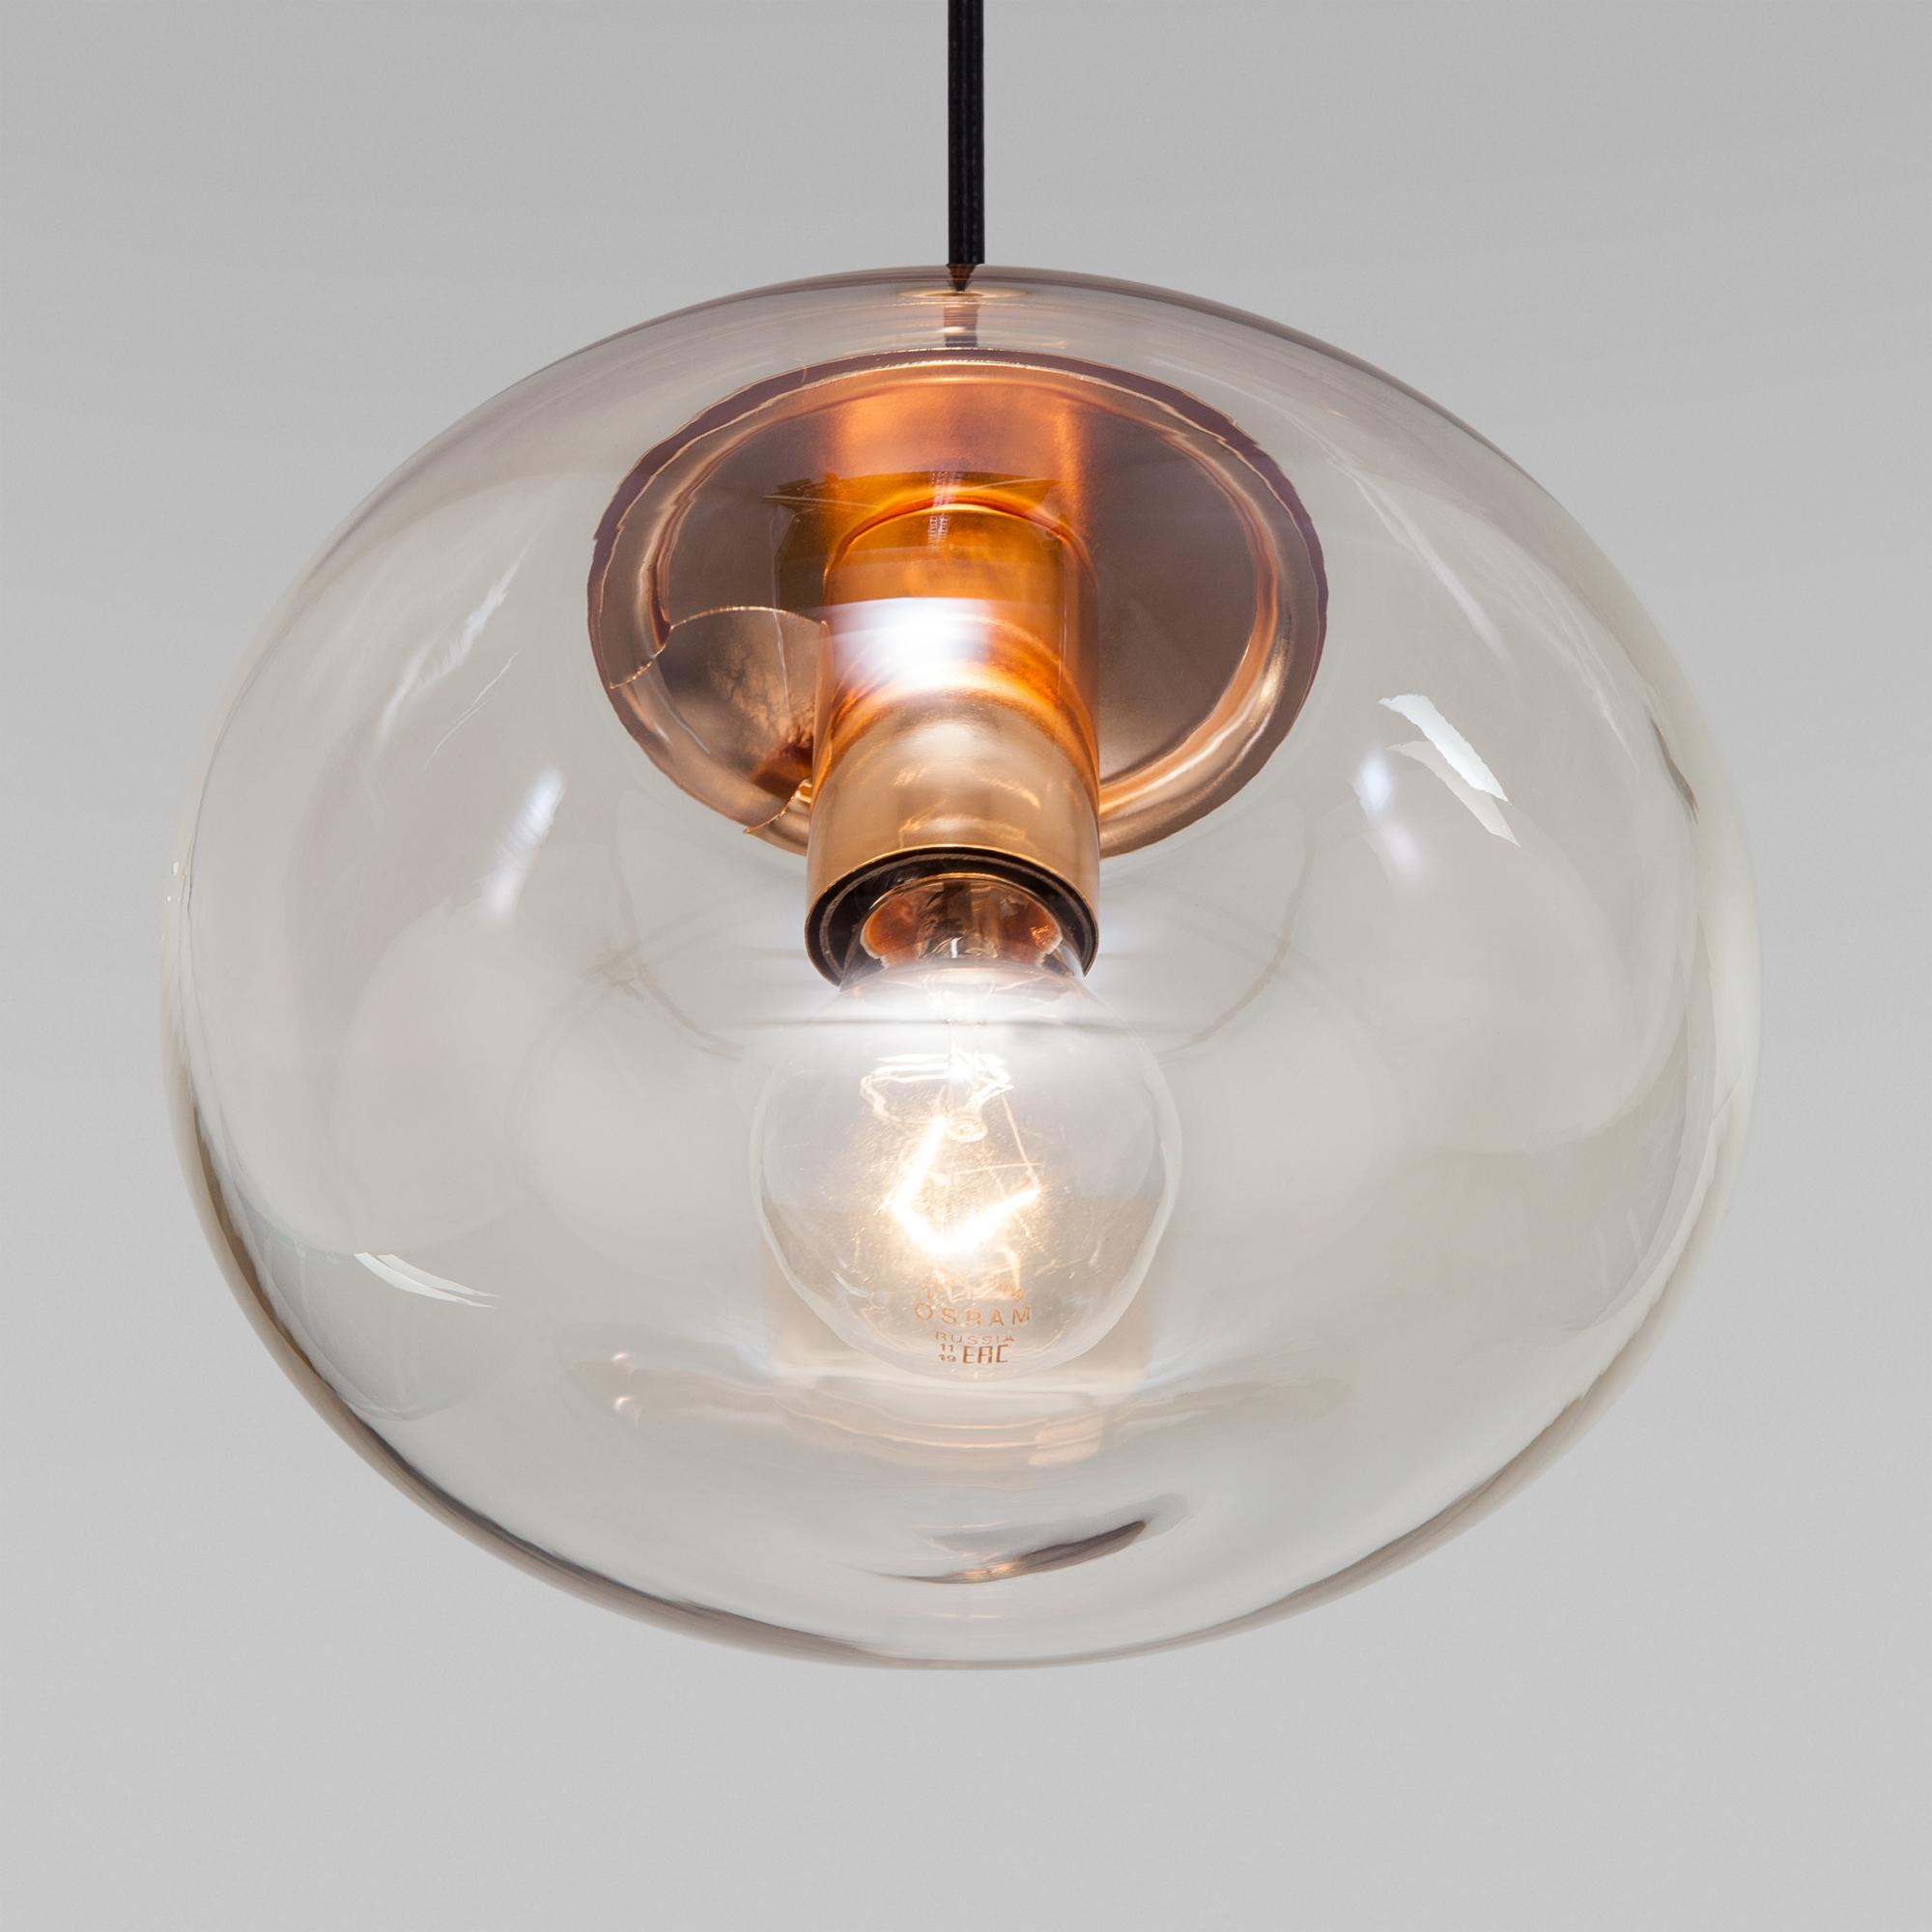 Подвесной светильник со стеклянным плафоном 50212/1 янтарный